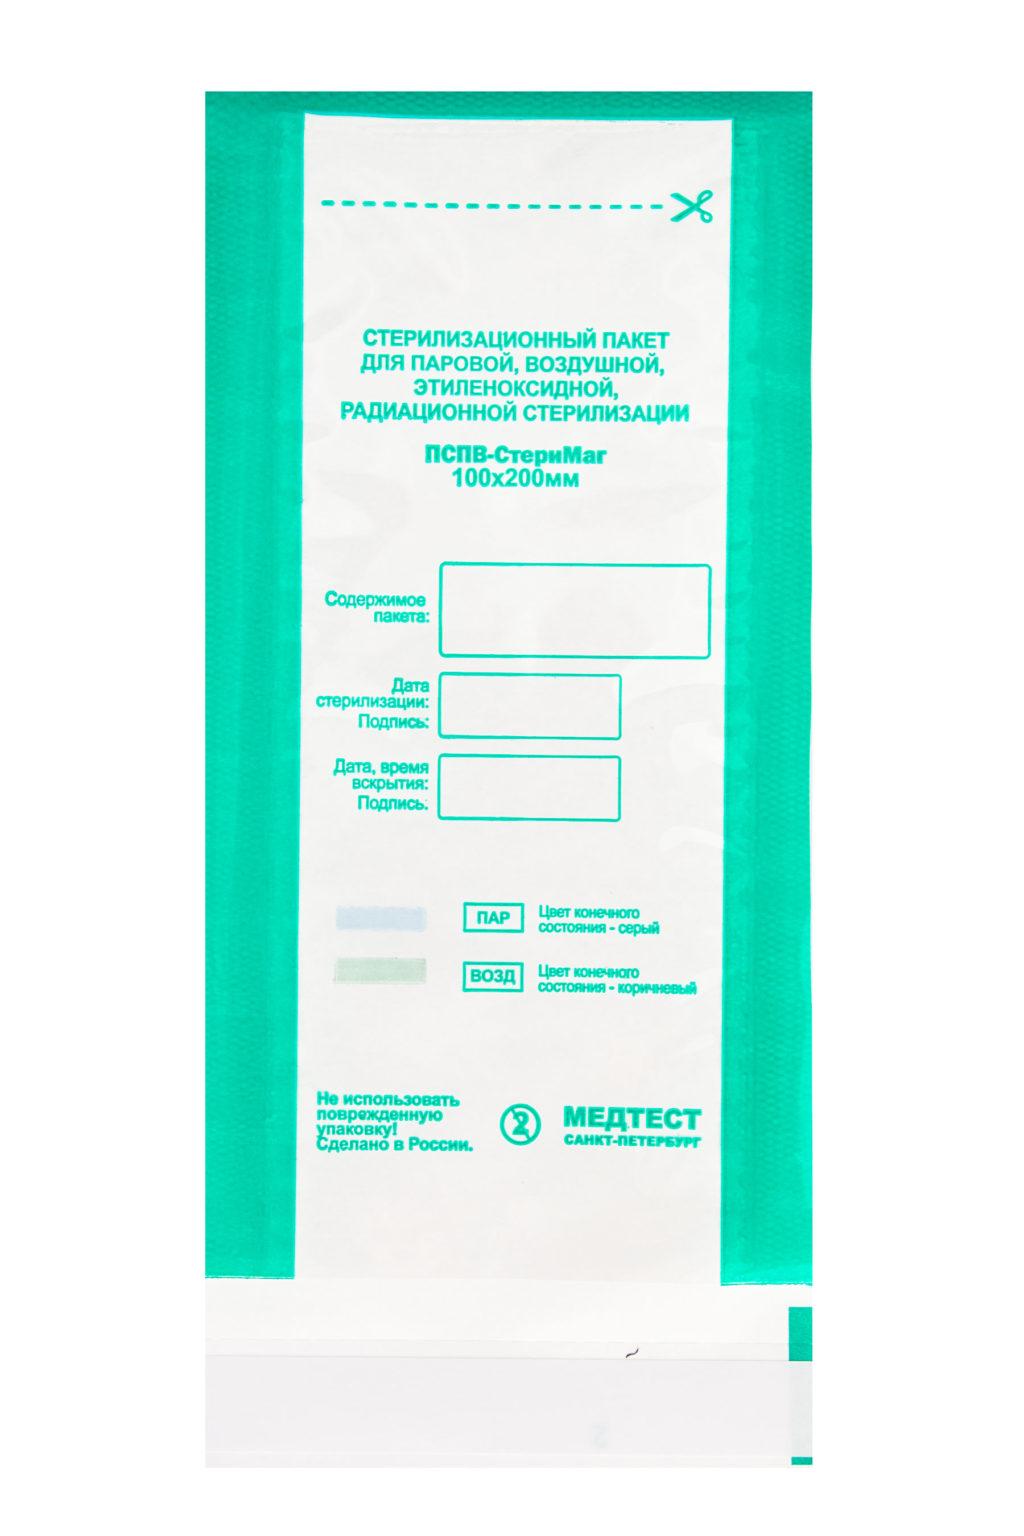 Пакет комбинированный плоский самоклеящийся ПСПВ-СТЕРИМАГ 100х200 мм. (100 шт.)